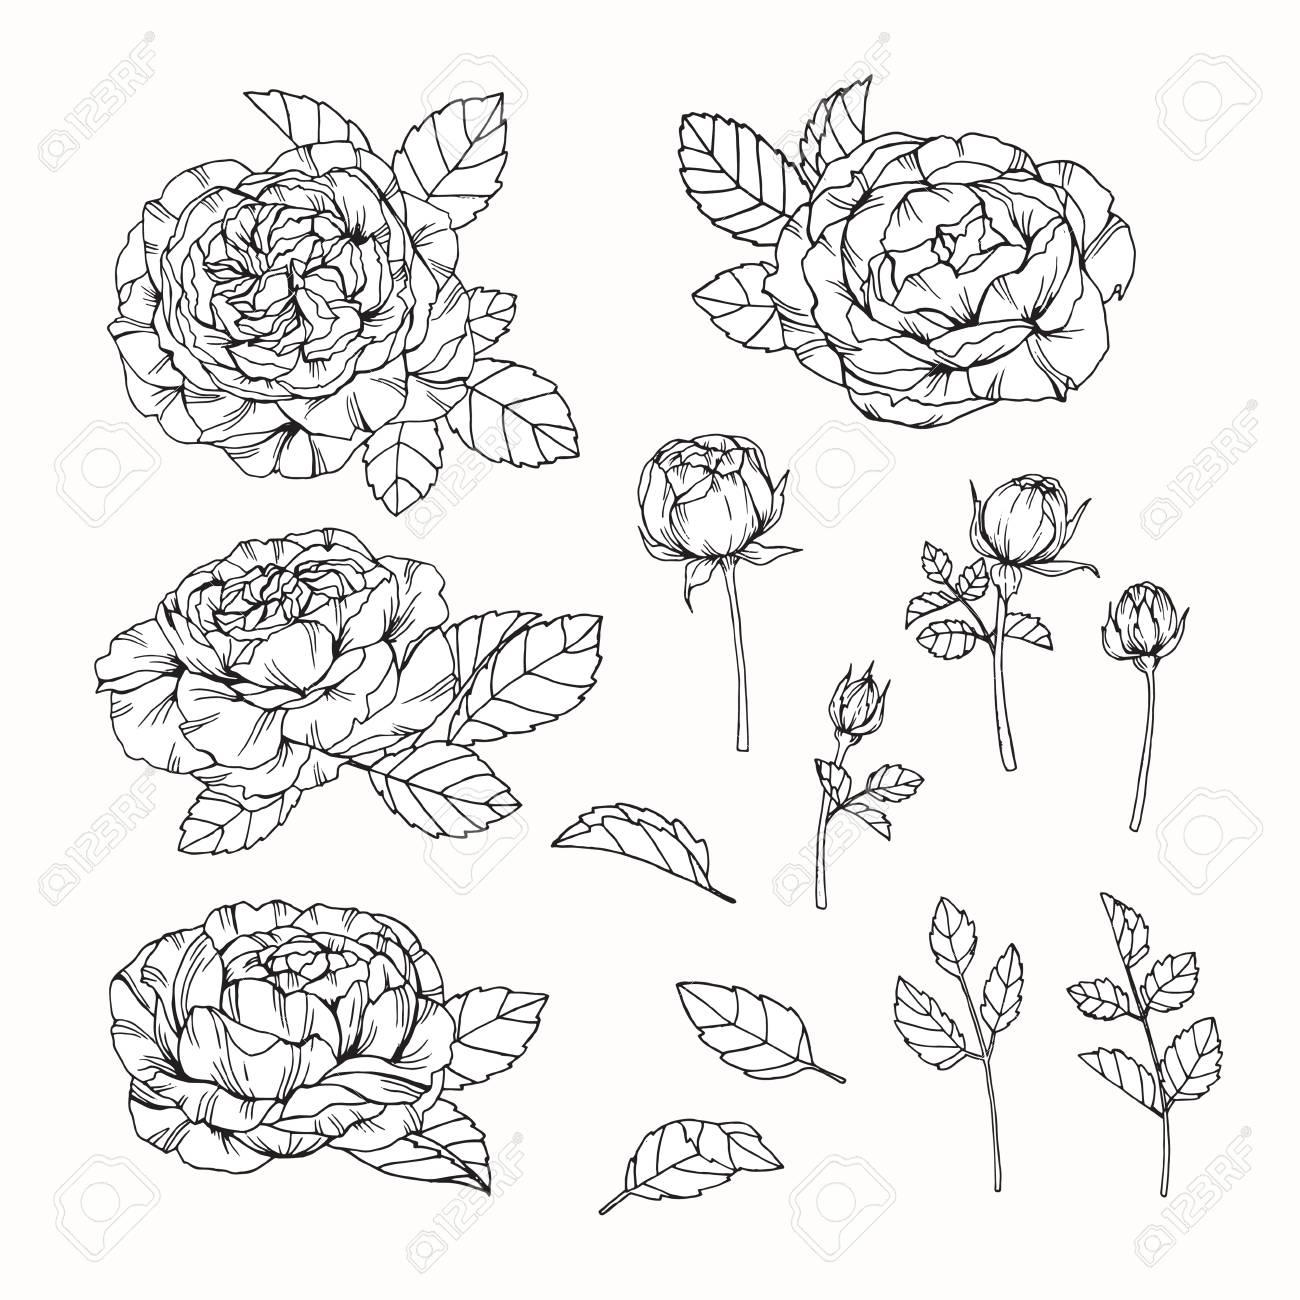 Rose Blumen Zeichnen Und Skizzieren Mit Strichzeichnungen Auf Weissen